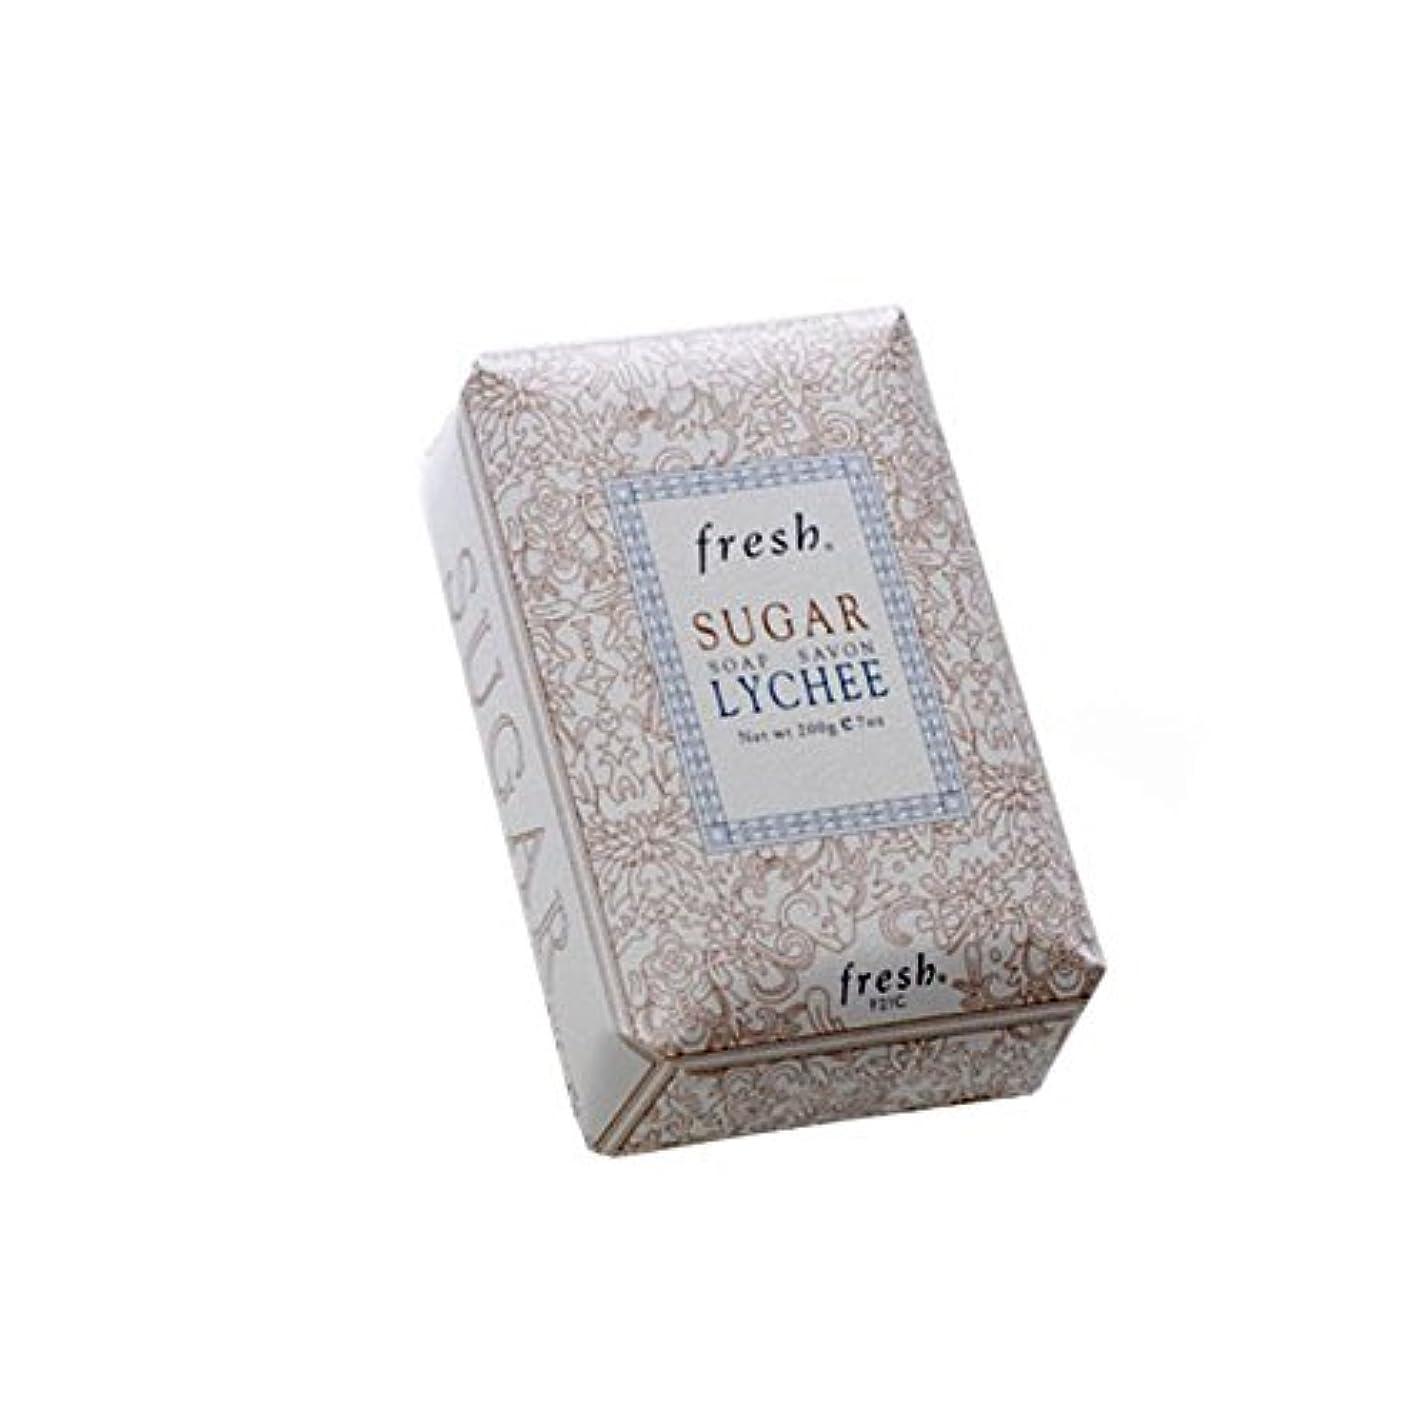 恥スピーチ発見Fresh フレッシュ シュガーライチ石鹸 Sugar Lychee Soap, 200g/7oz [海外直送品] [並行輸入品]